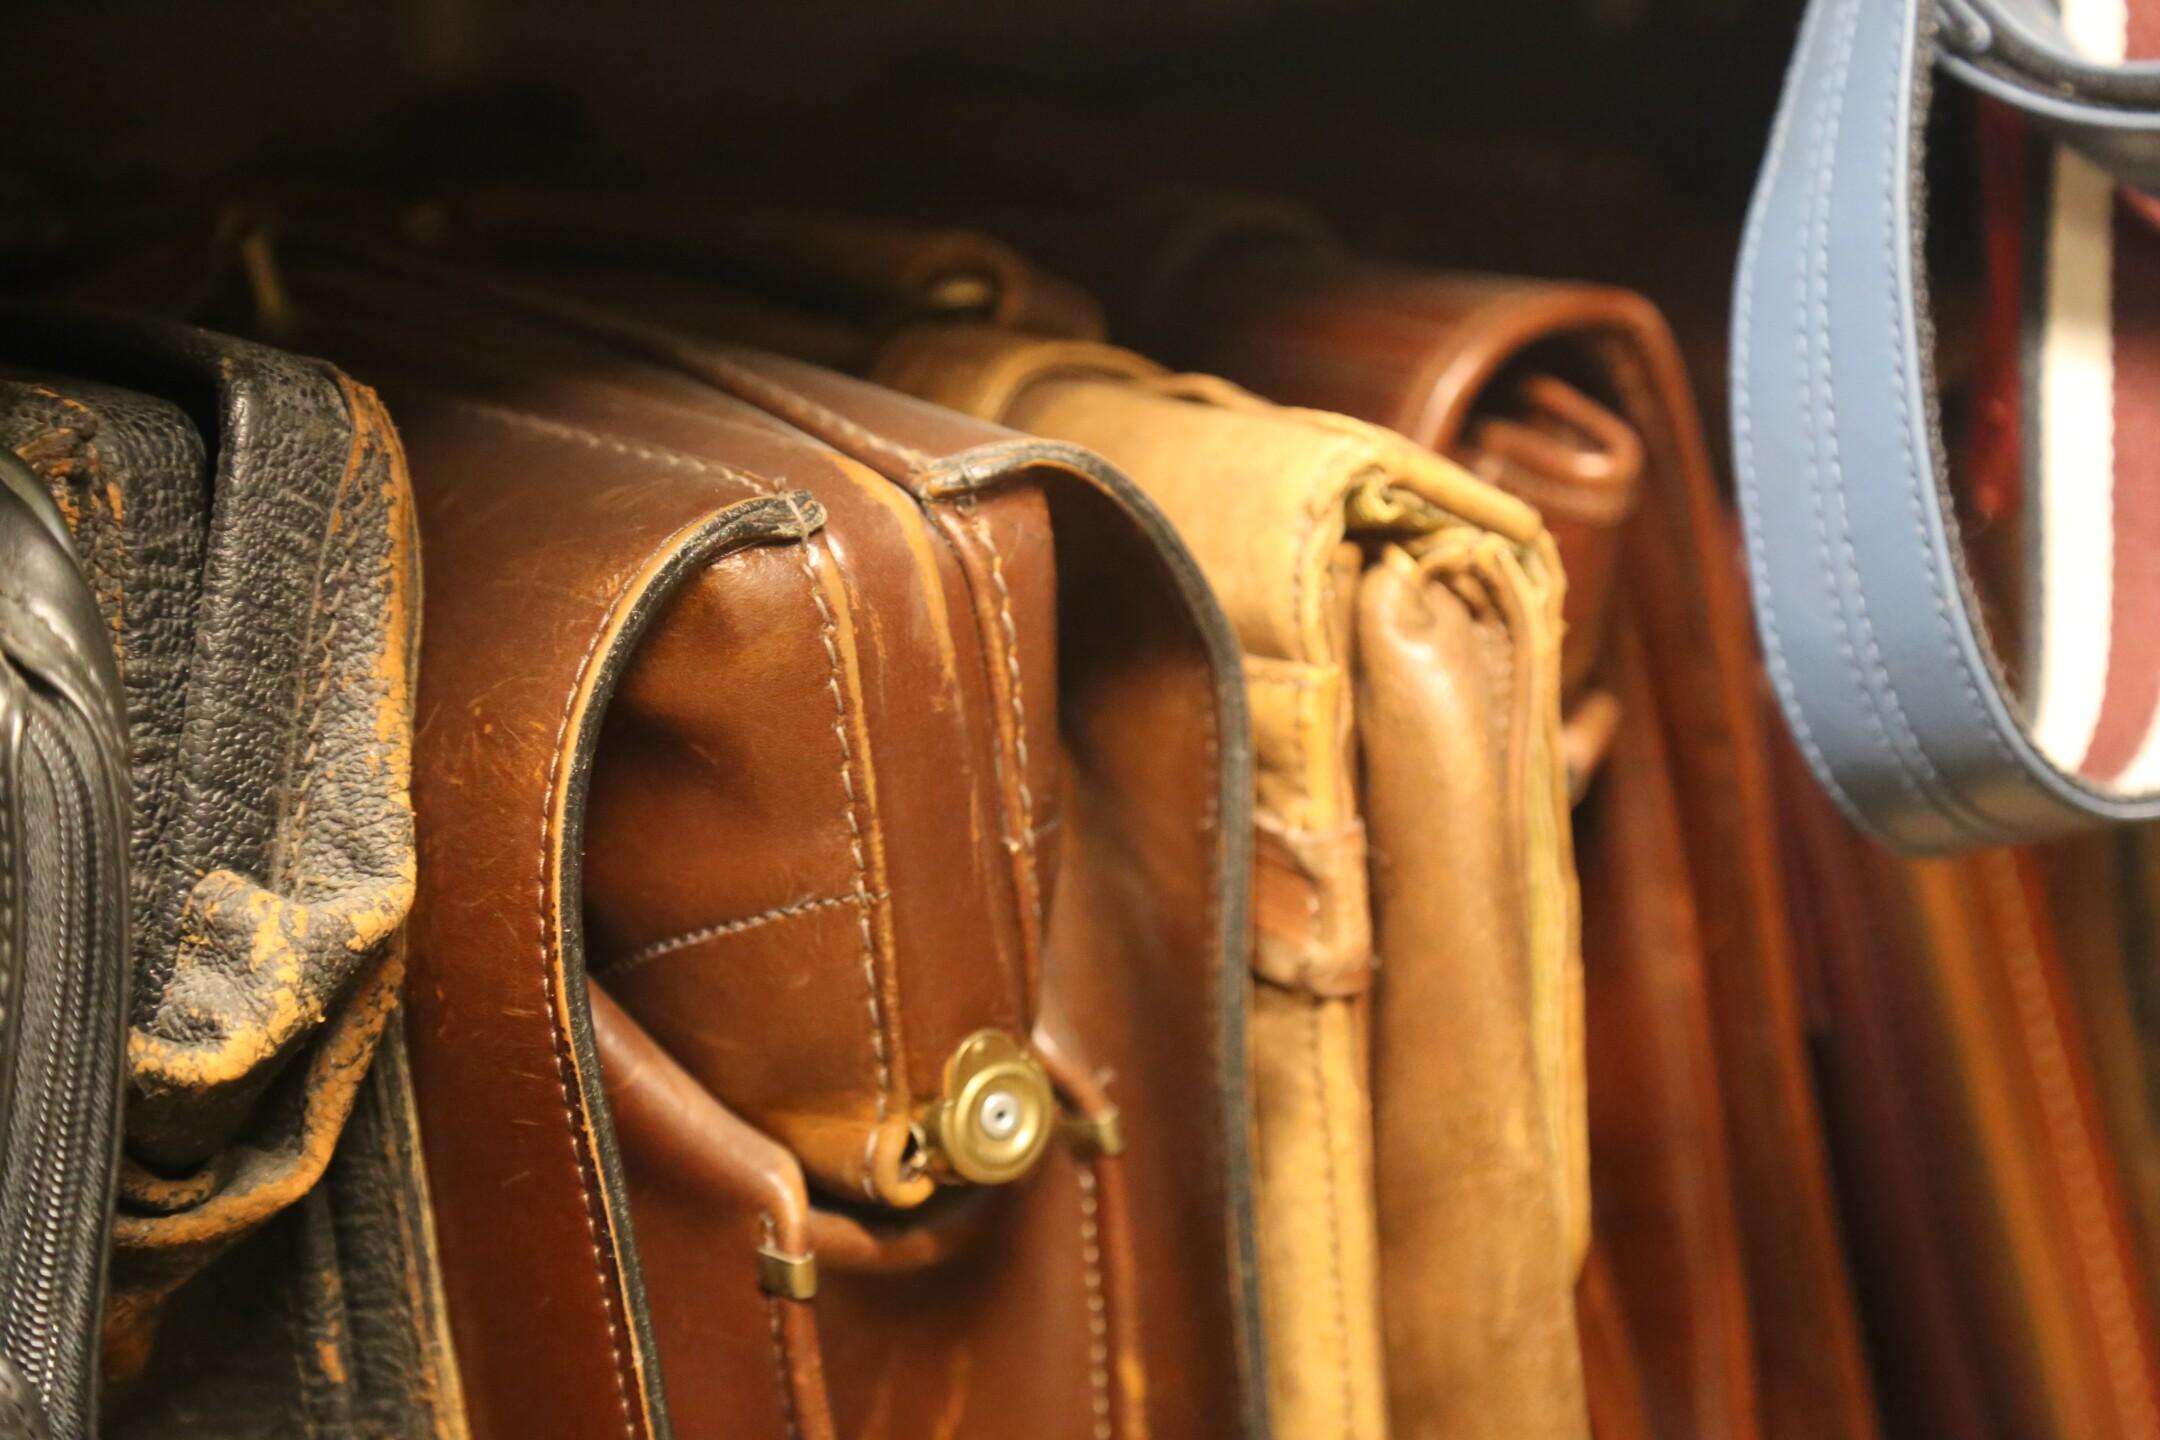 Worn briefcases .JPG